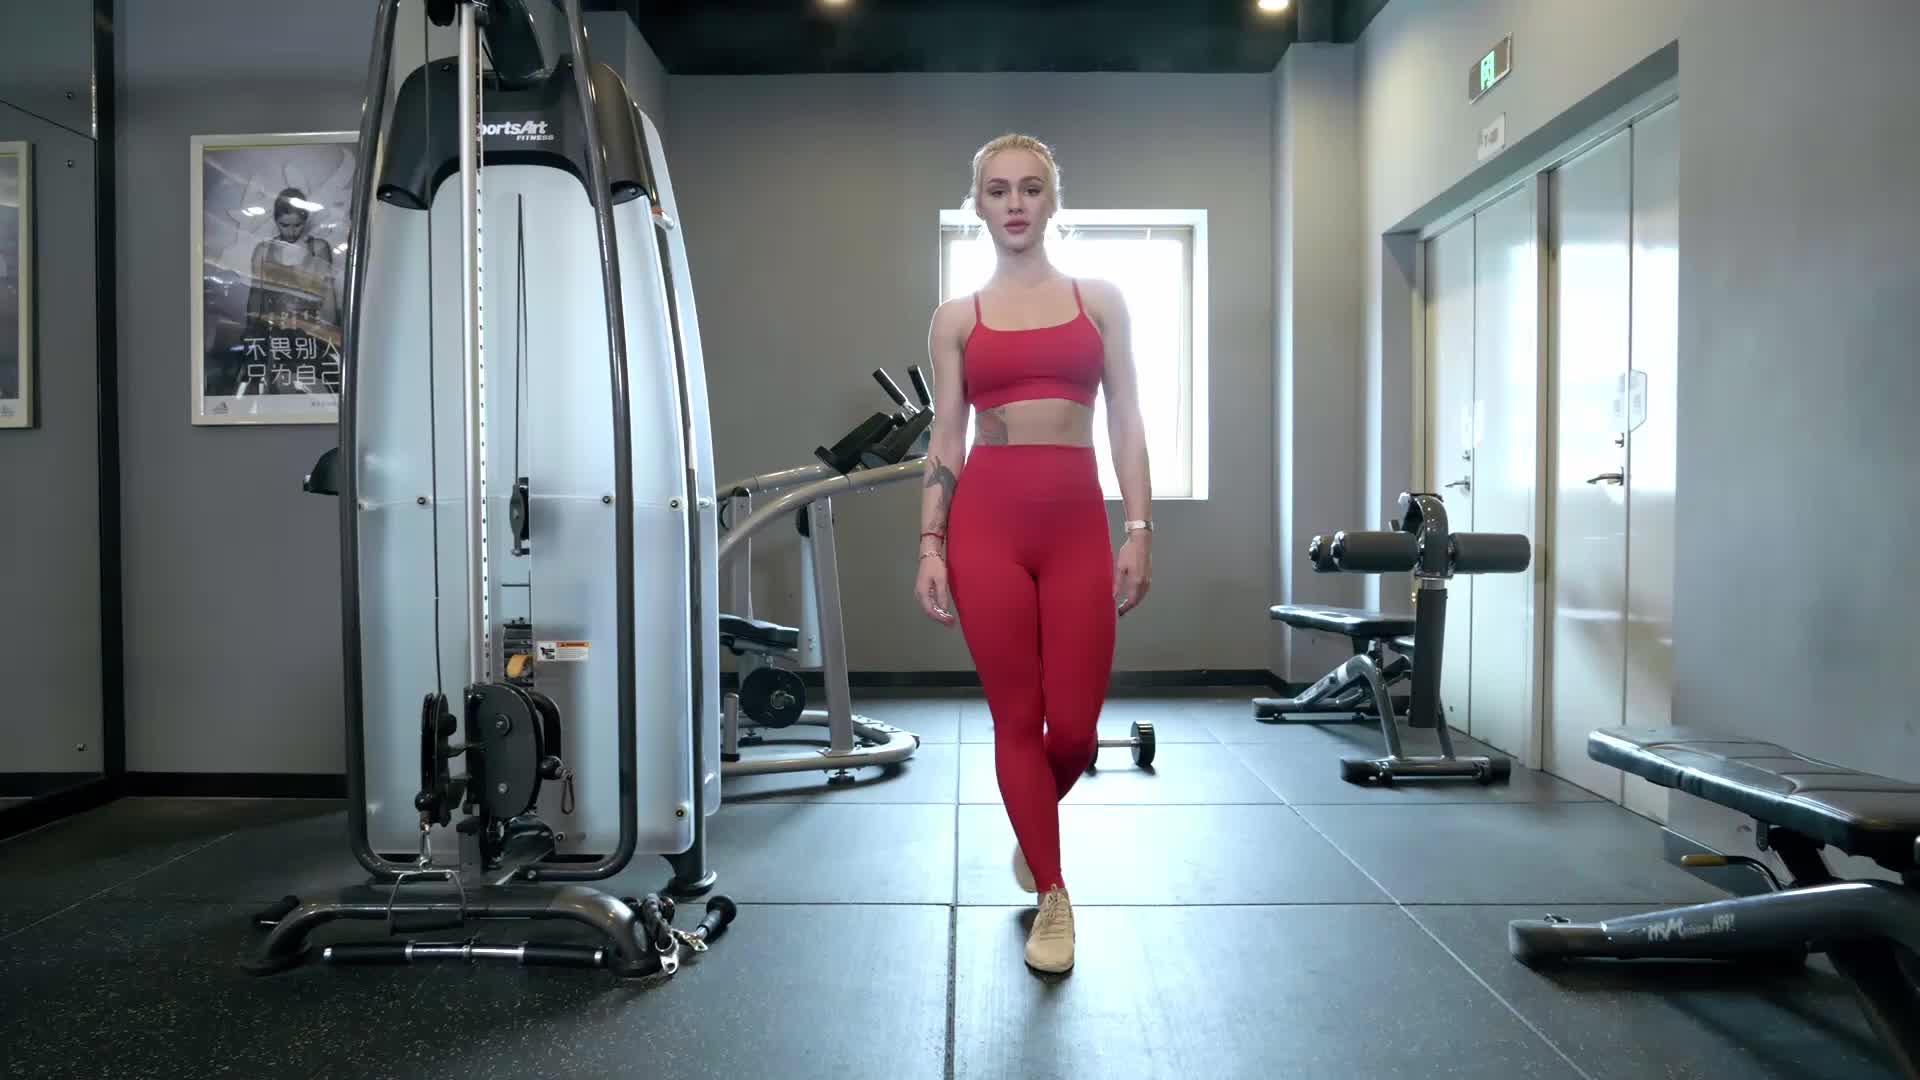 Benutzerdefinierte Bh Top Fitness Tops Butt Bh Sexy Damen Bh Kurze Sätze Womans Sportswear Marke